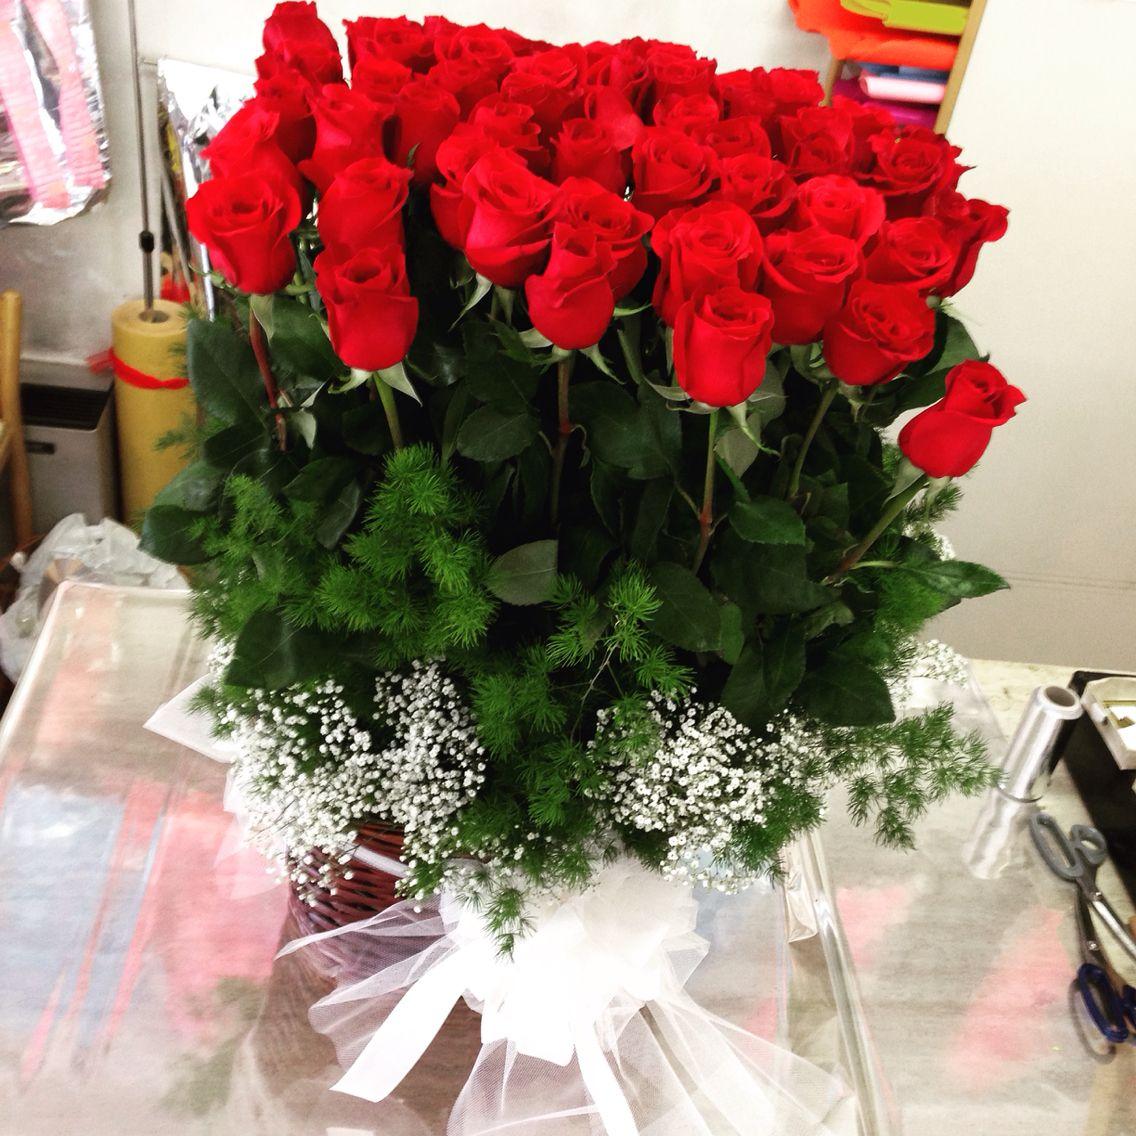 59 Rose Rosse Per Un Anniversario Di Matrimonio Molto Longevo Frasi Per Matrimoni Anniversario Di Matrimonio Matrimonio Rosa